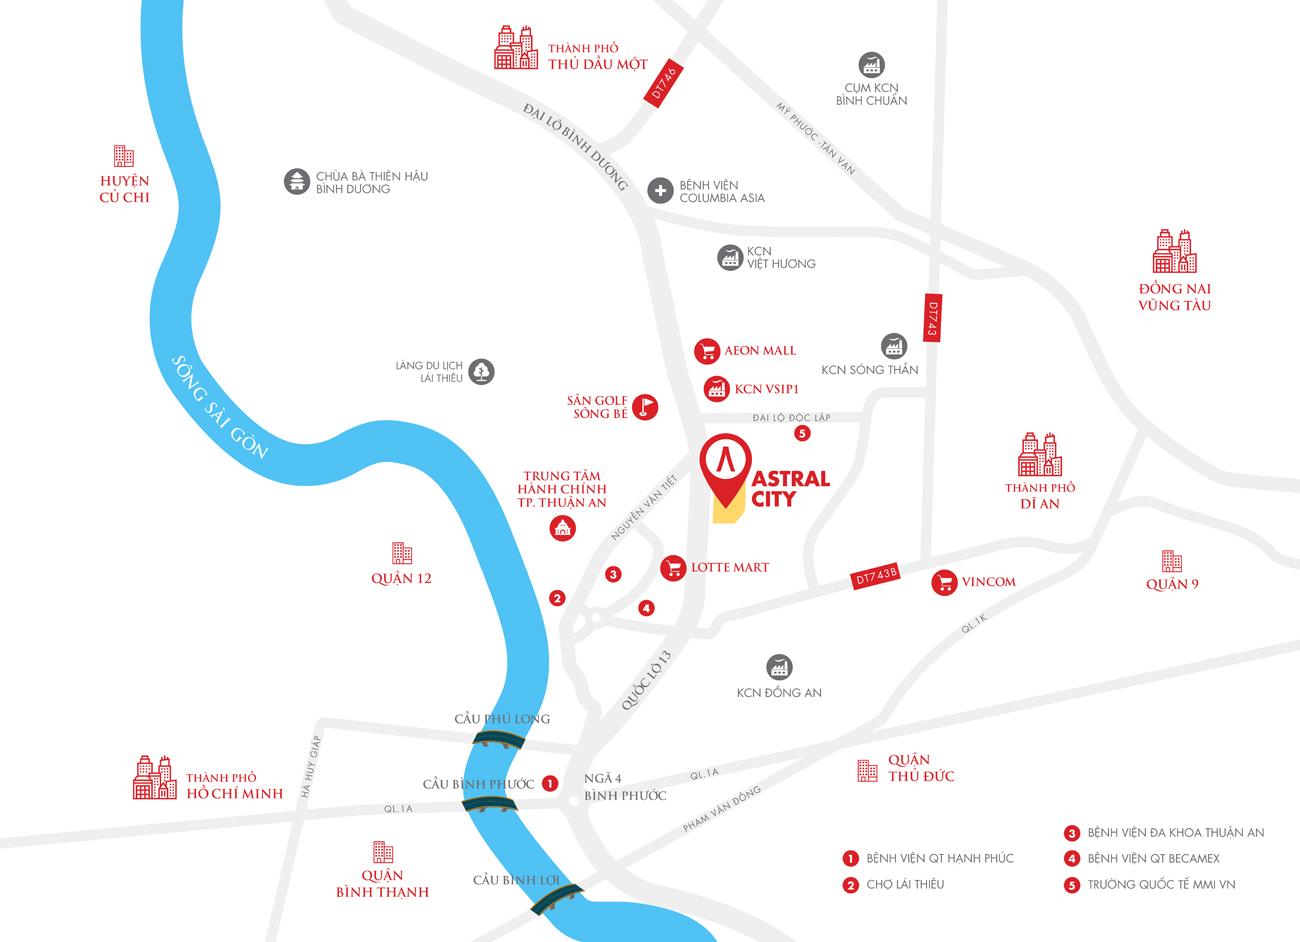 Vị trí địa chỉ chính xác dự án căn hộ chung cư Astral City Bình Dương